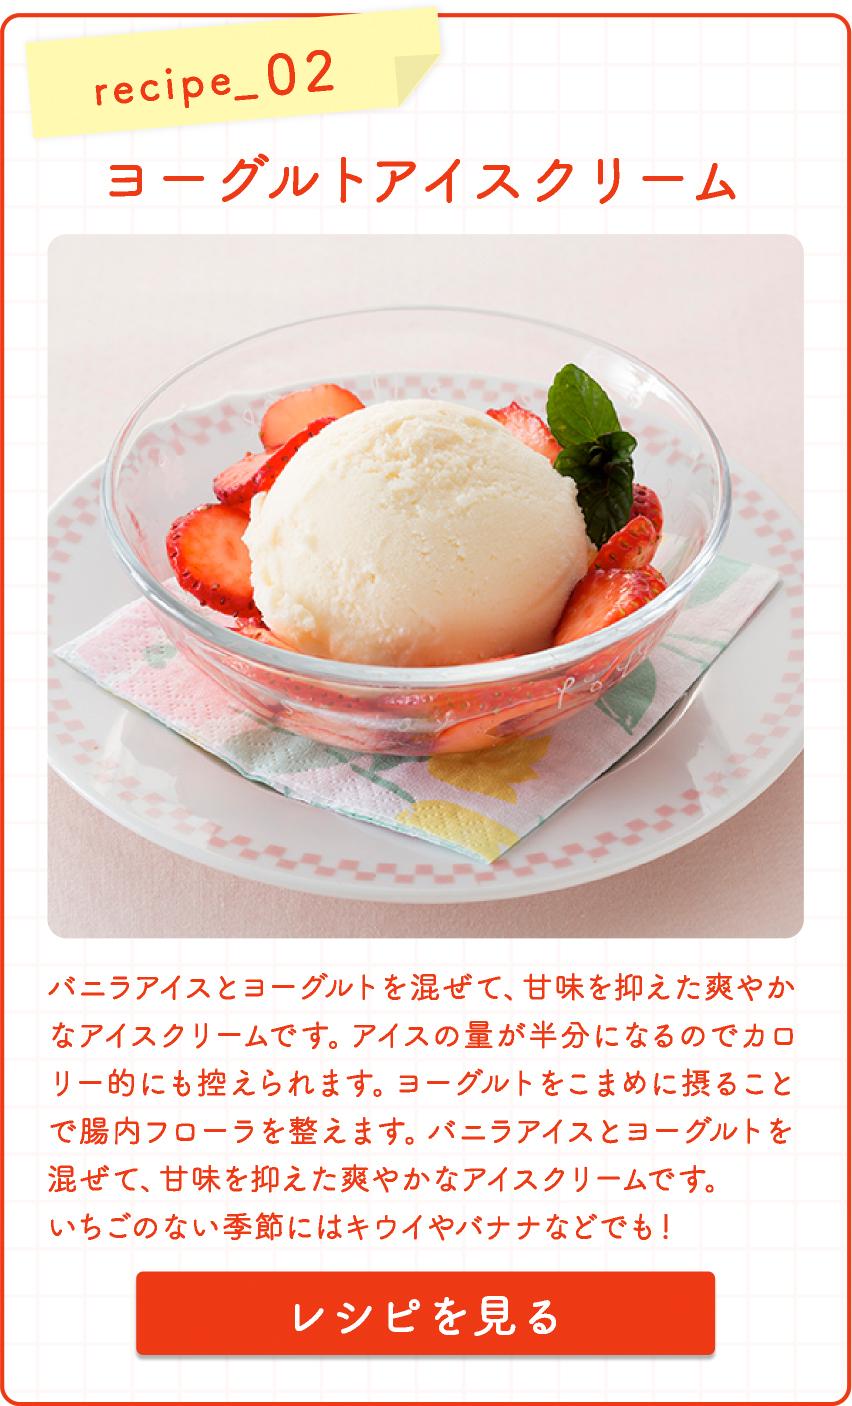 recipe_ 02 ヨーグルトアイスクリーム  バニラアイスとヨーグルトを混ぜて、甘味を抑えた爽やかなアイスクリームです。アイスの量が半分になるのでカロリー的にも控えられます。ヨーグルトをこまめに摂ることで腸内フ ローラを整えます。バニラアイスとヨーグルトを混ぜて、甘味を抑えた爽やかなアイスクリームです。いちごのない季節にはキウイやバナナなどでも!